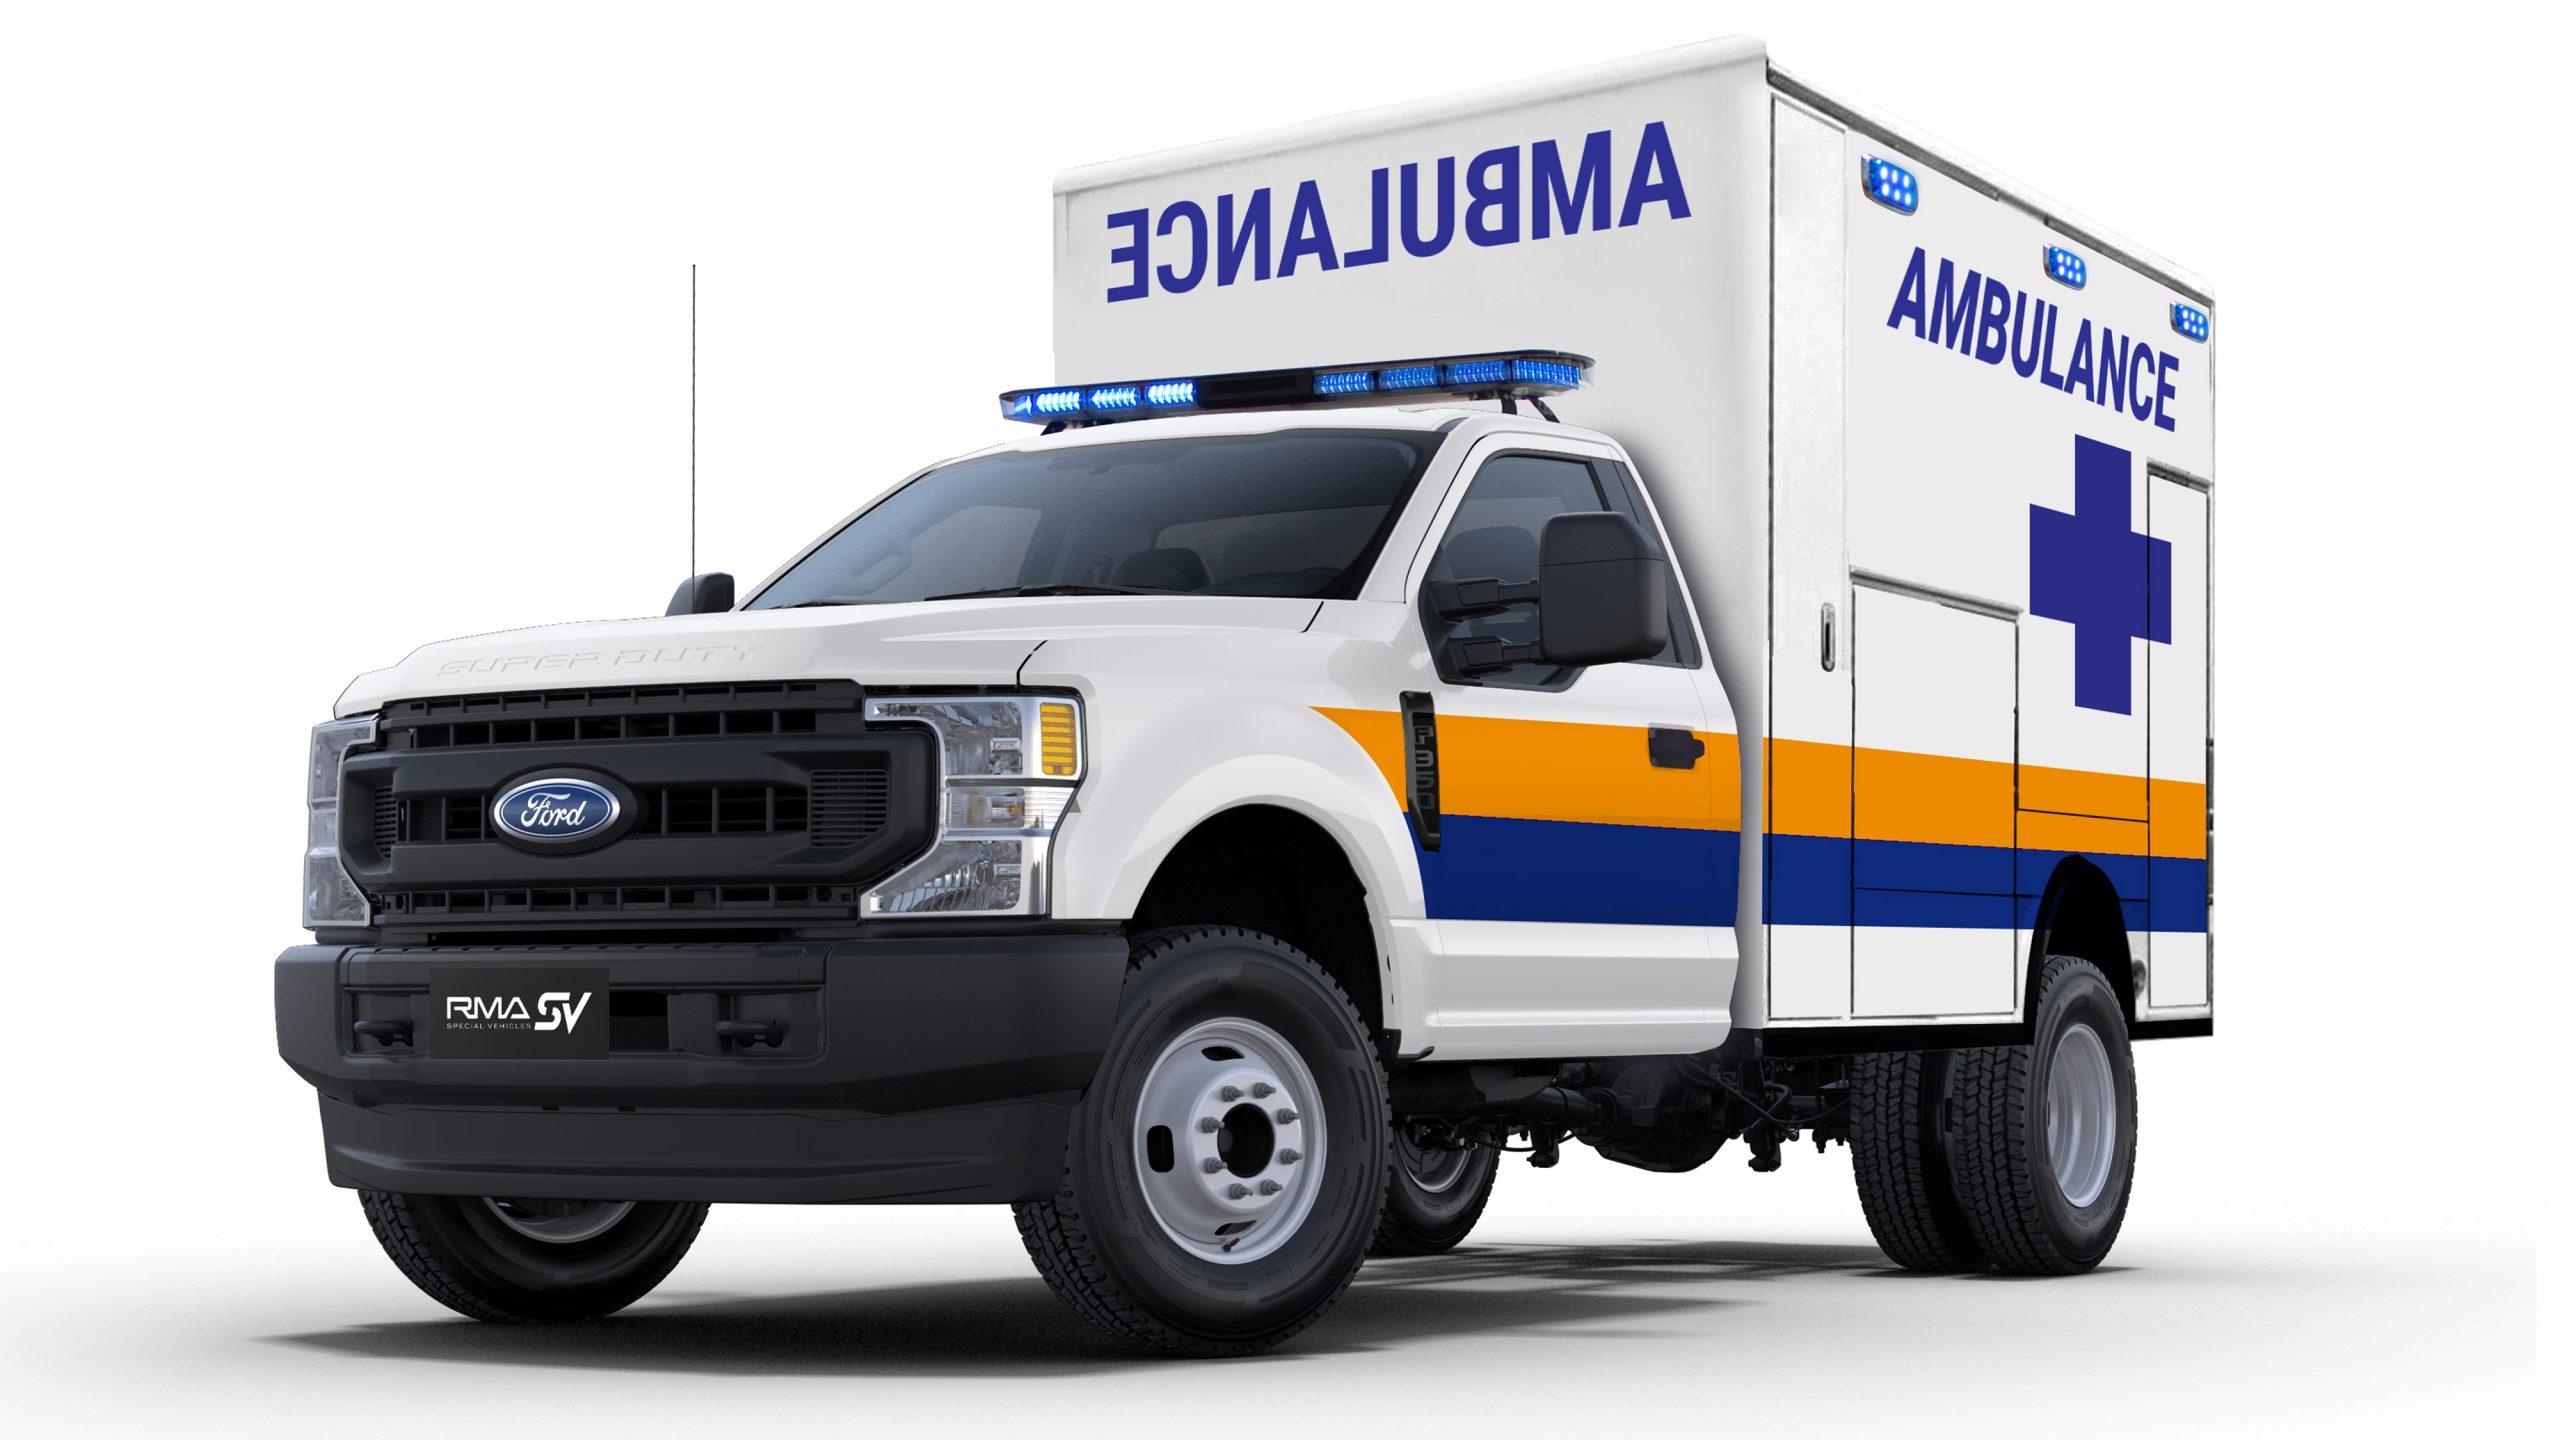 Super Duty Ambulance